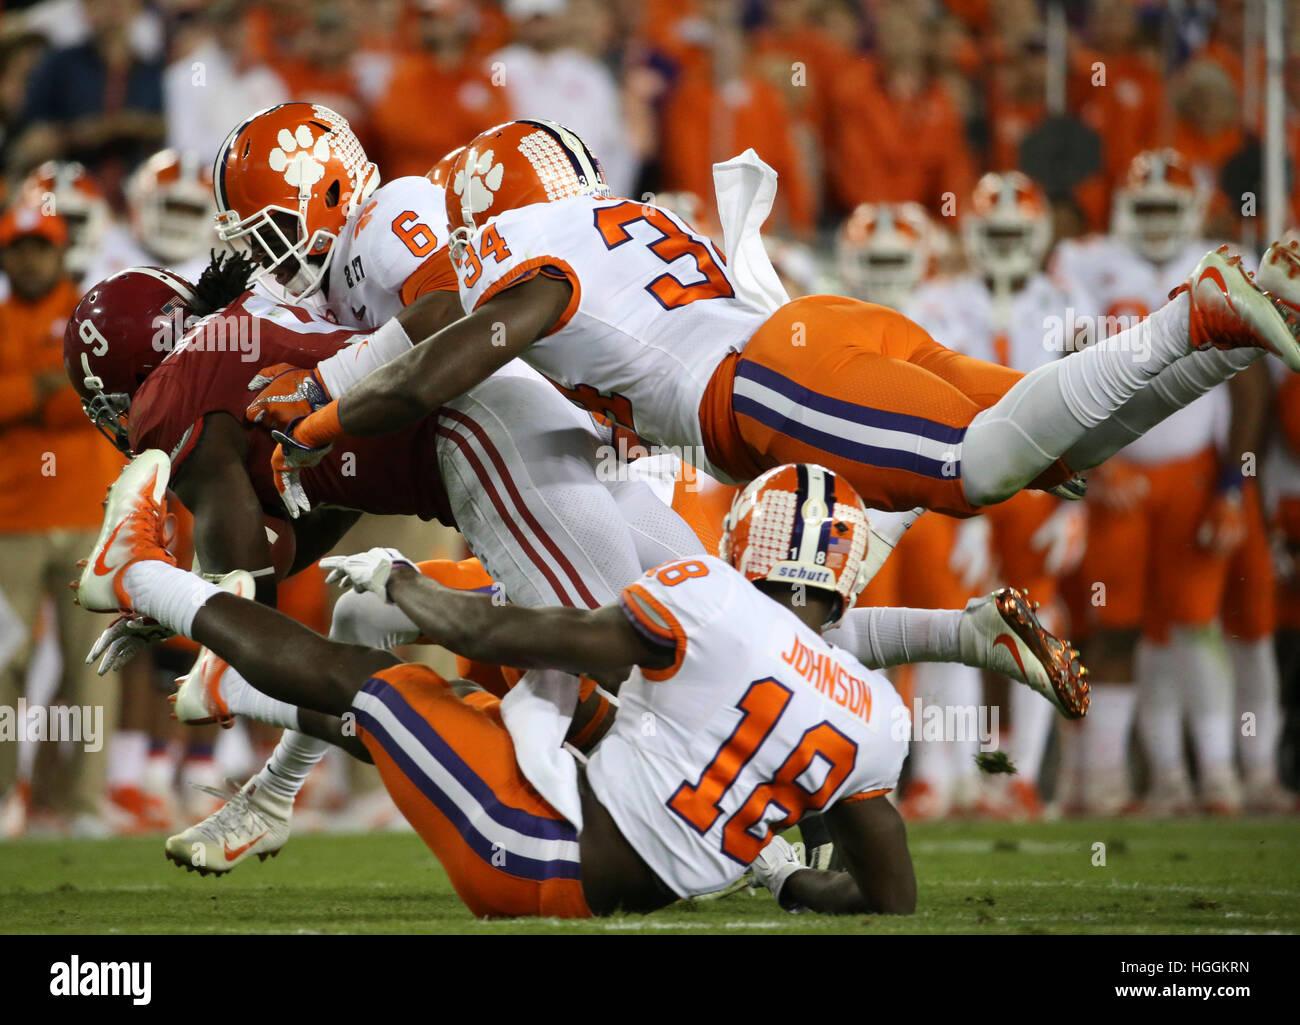 Tampa, USA. 9. Jan, wird im ersten Quartal die College Football Playoff-Landesmeisterschaft im Raymond James Stadium Stockfoto